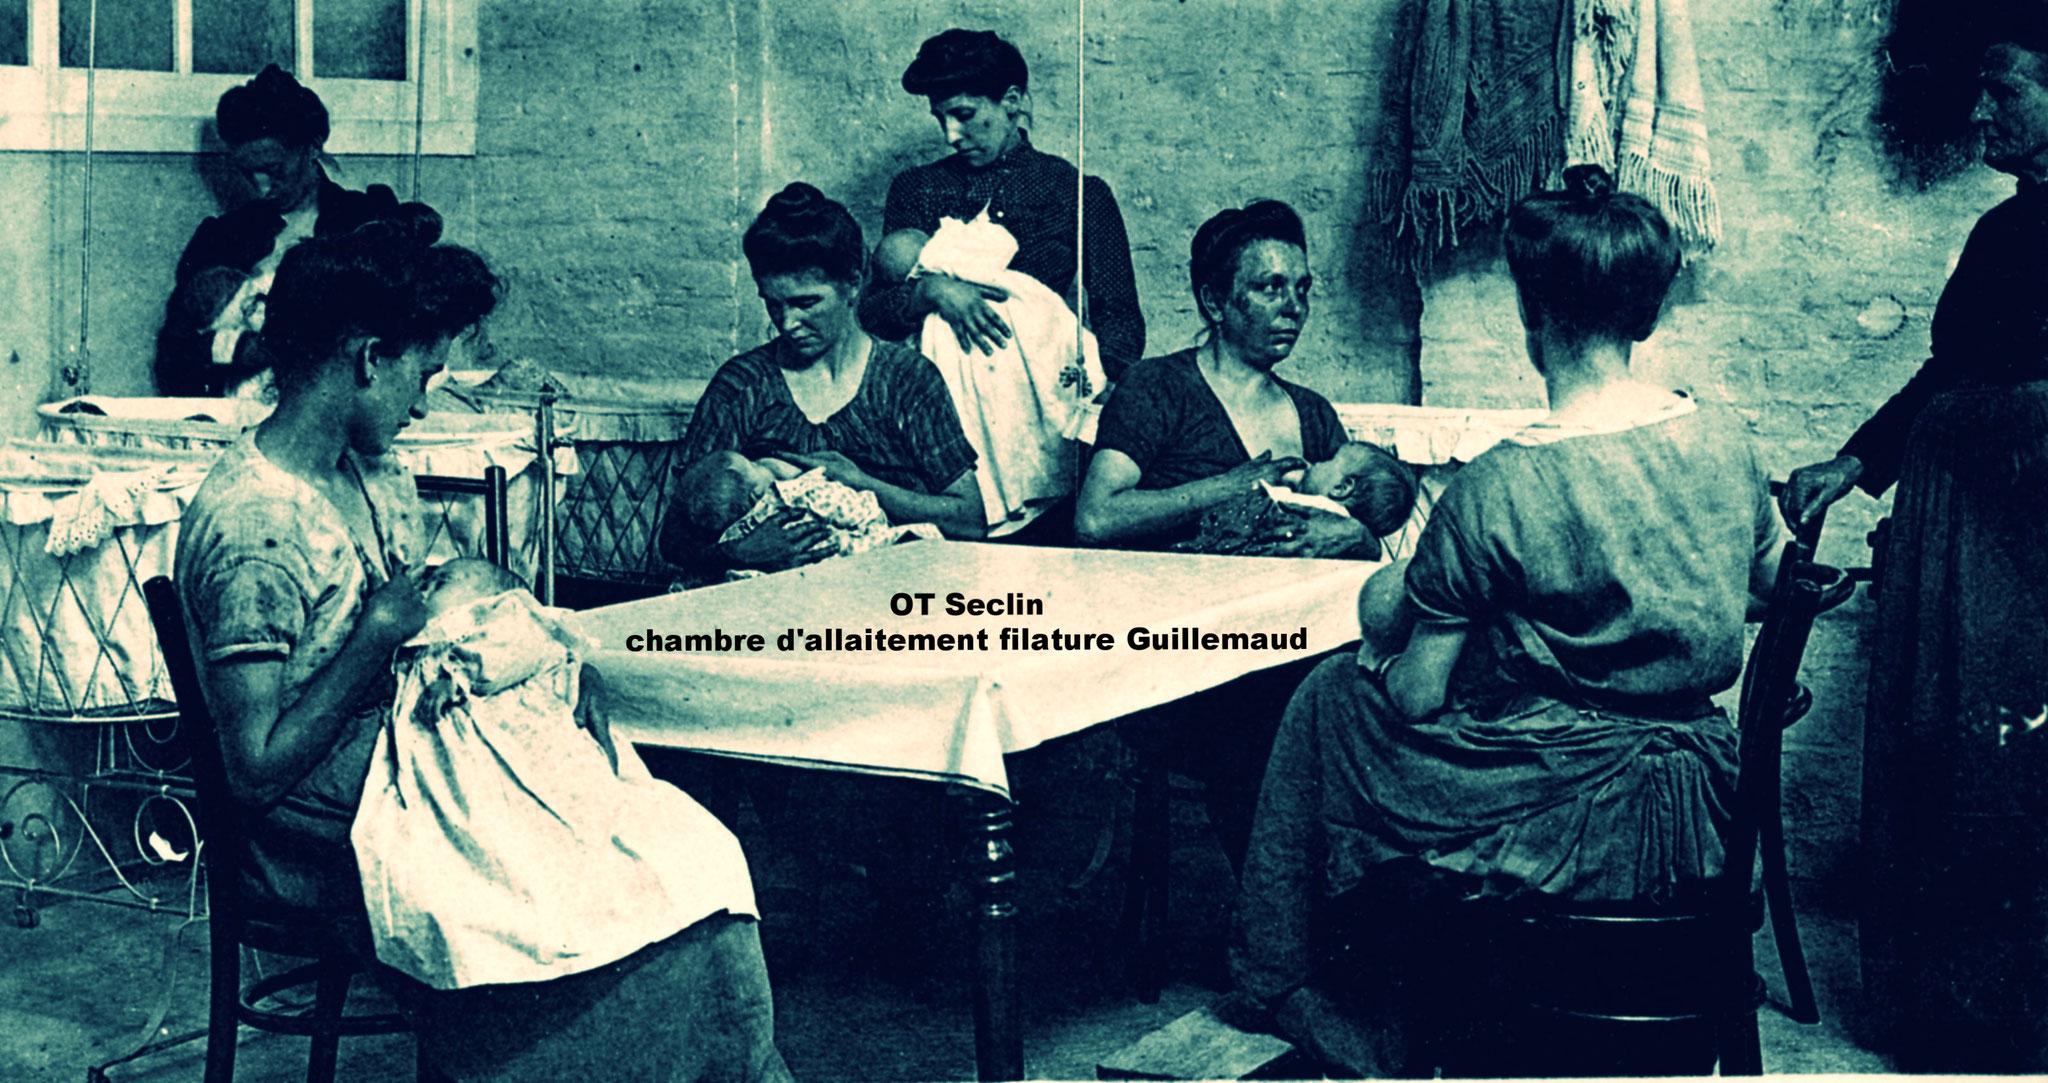 La chambre d'allaitement au sein de la filature Guillemaud de Seclin